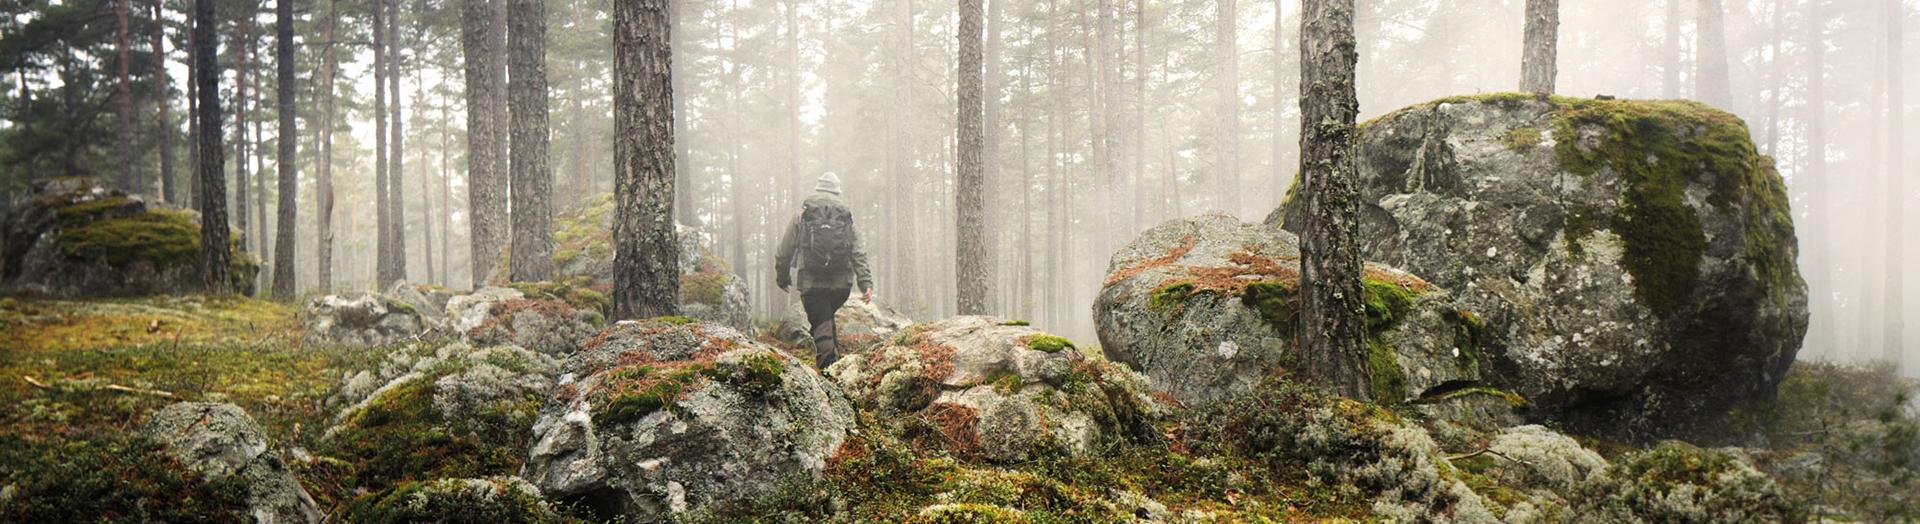 skog vandrare lundhags